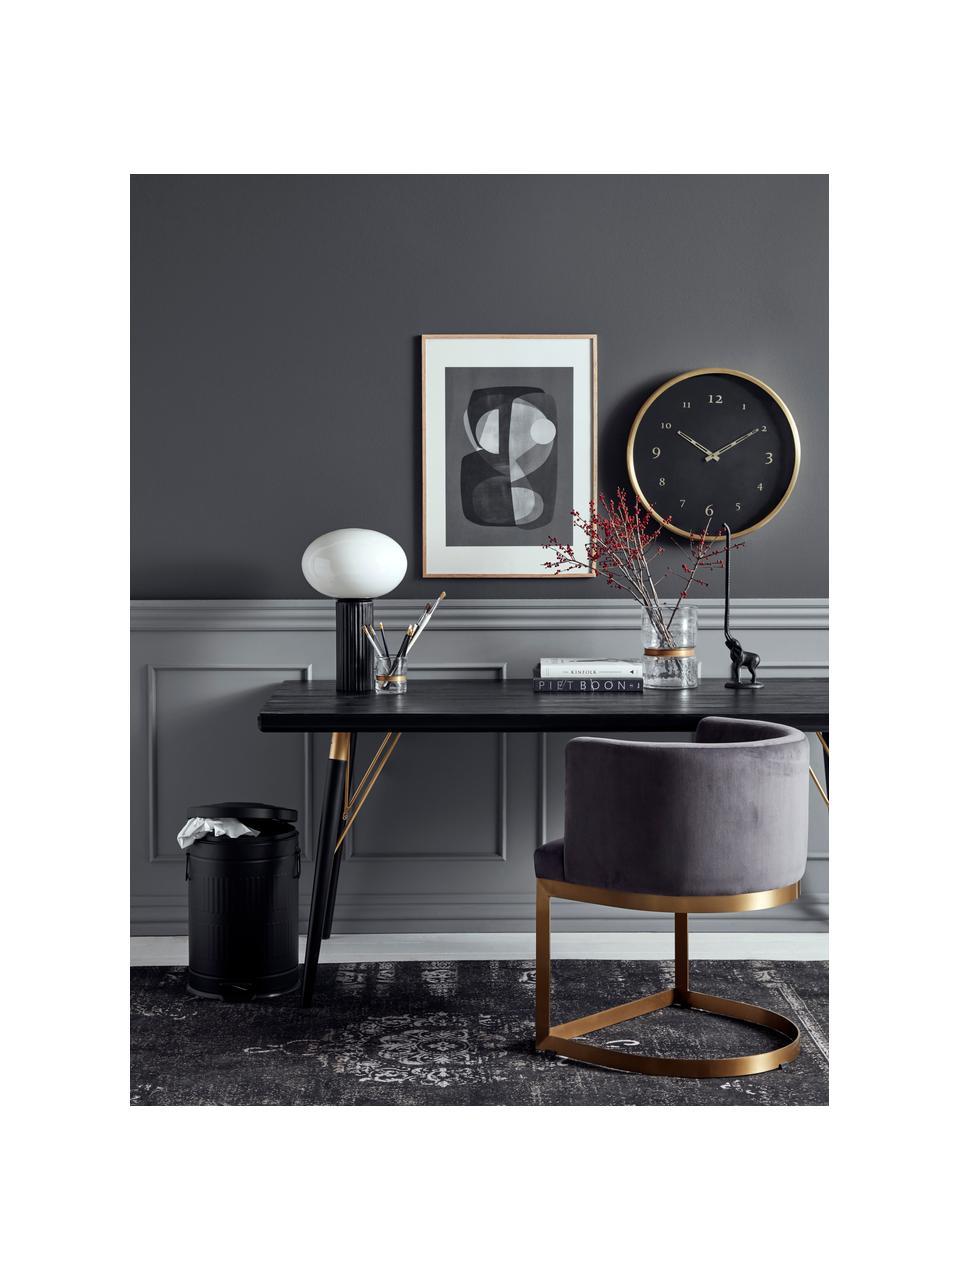 Esstisch Marlena in Schwarz, Tischplatte: Mitteldichte Holzfaserpla, Beine: Metall, lackiert, Schwarz, B 180 x T 90 cm